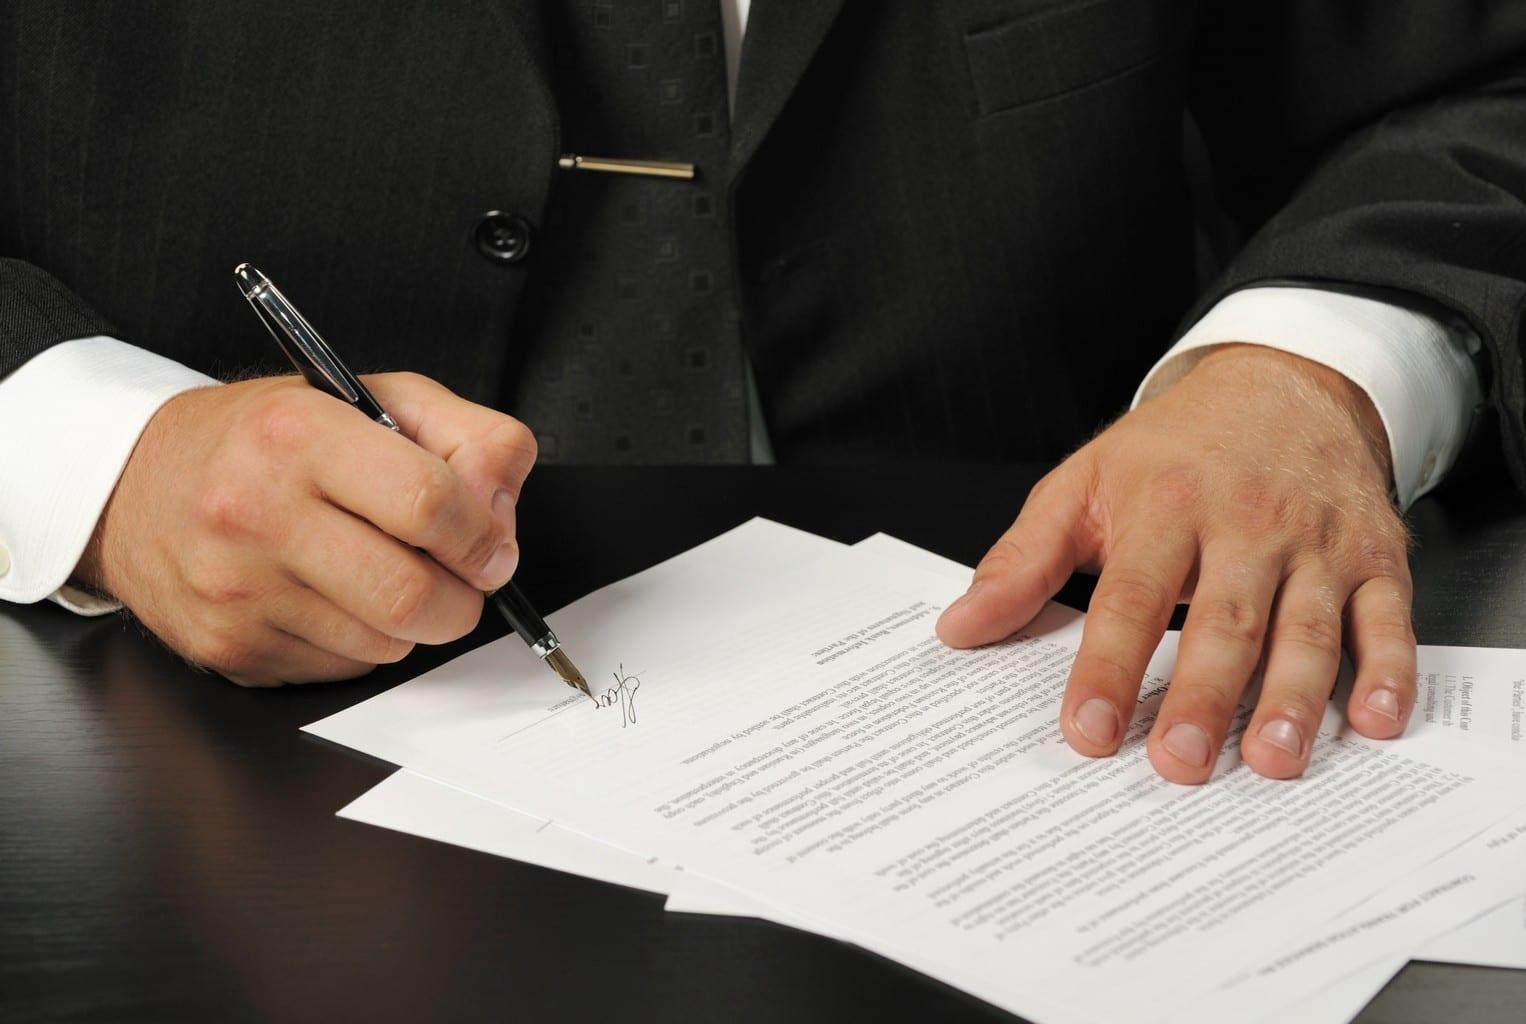 cdt contrat de travail Contrat de travail pour un étranger au Maroc cdt contrat de travail